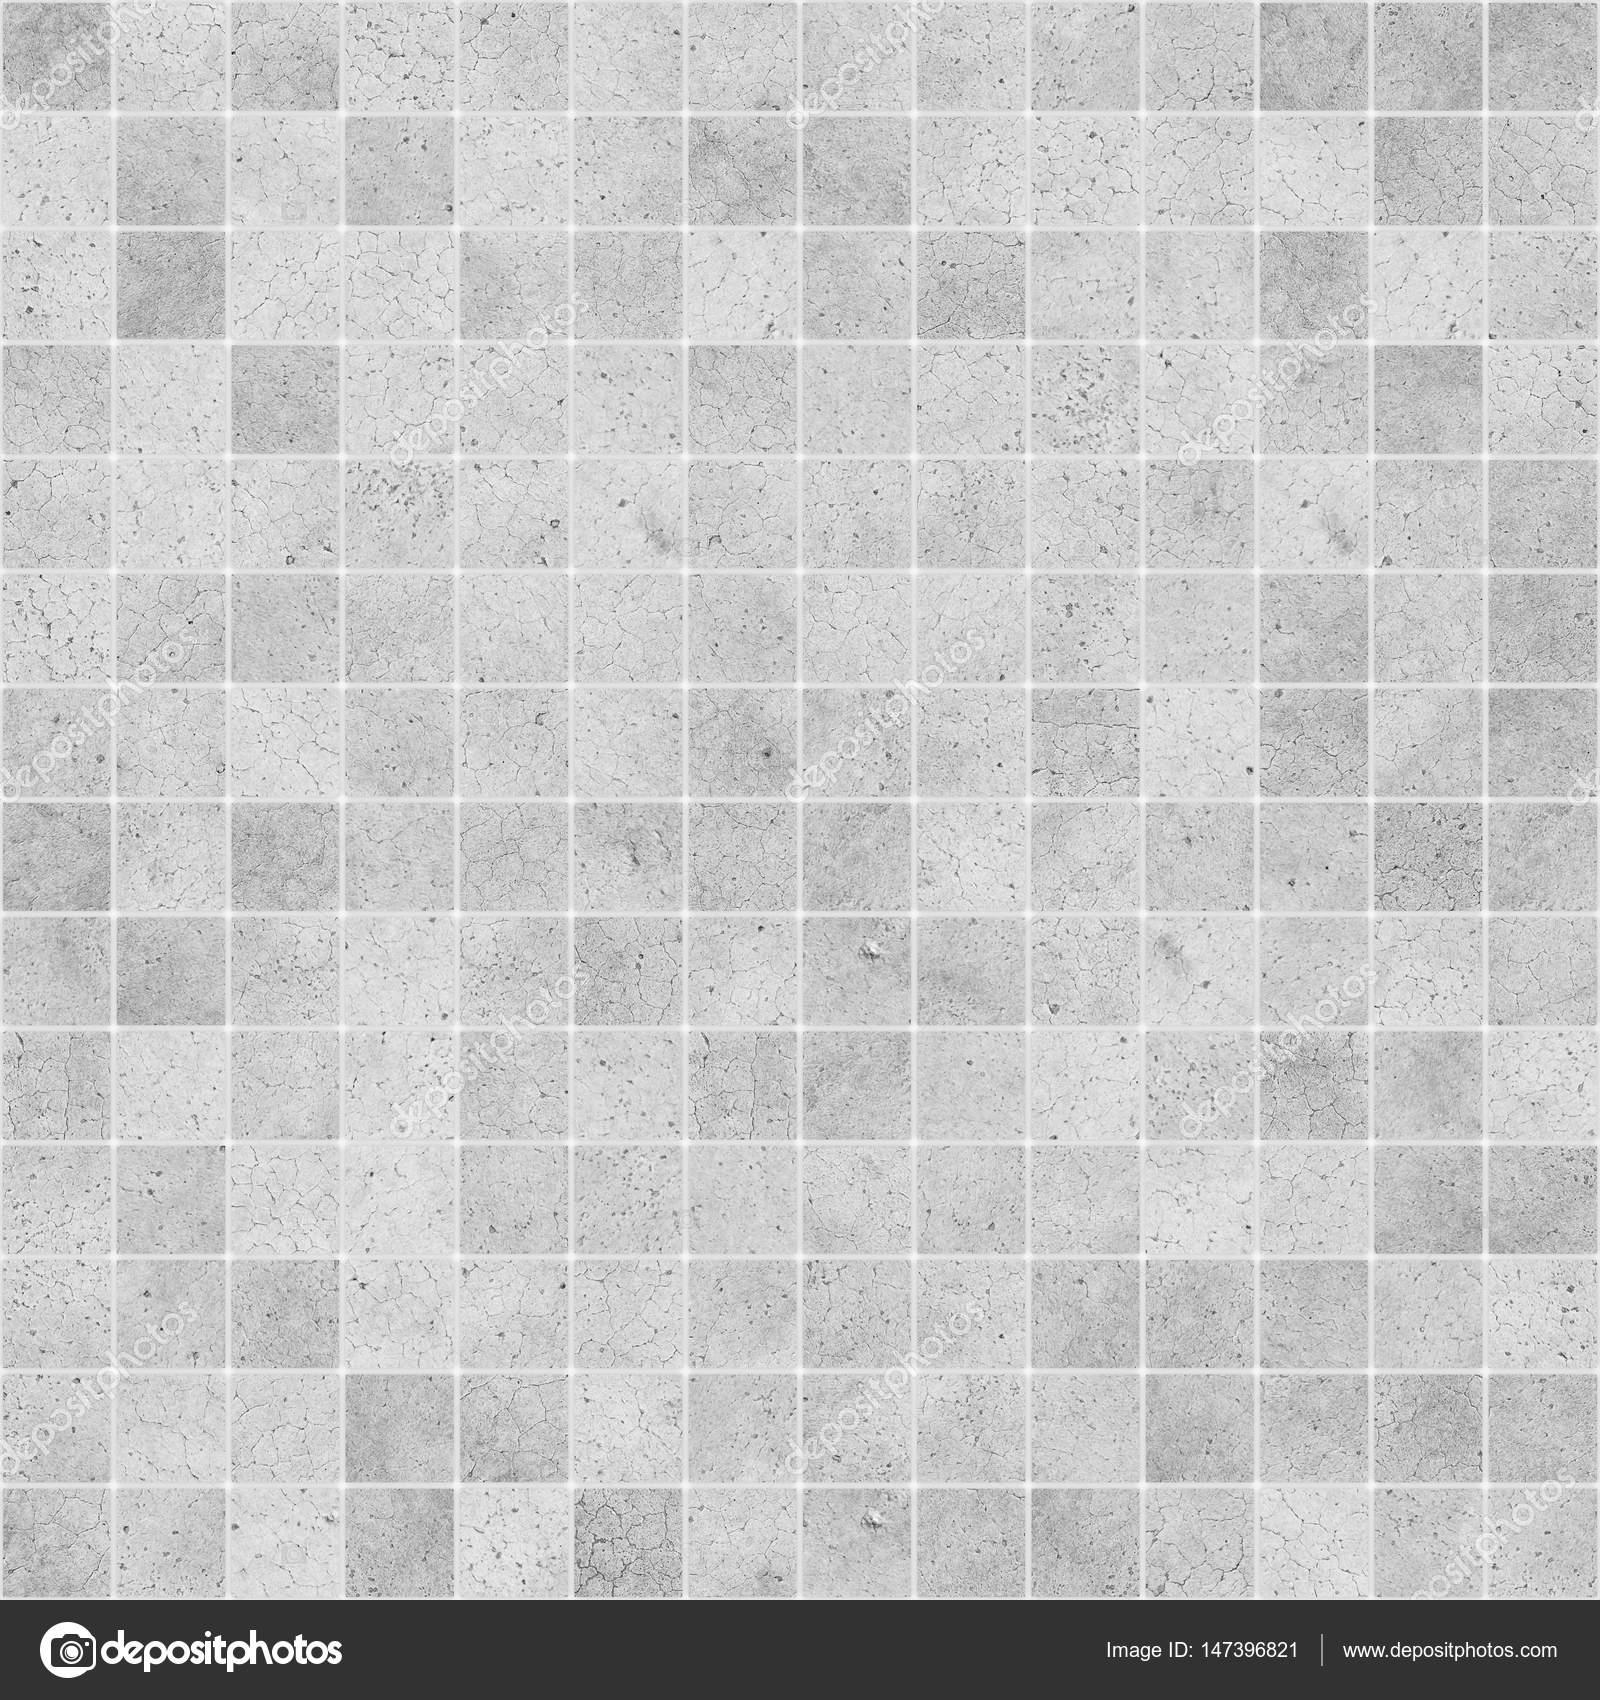 Concrete Mosaic Tile Seamless Texture Stock Photo